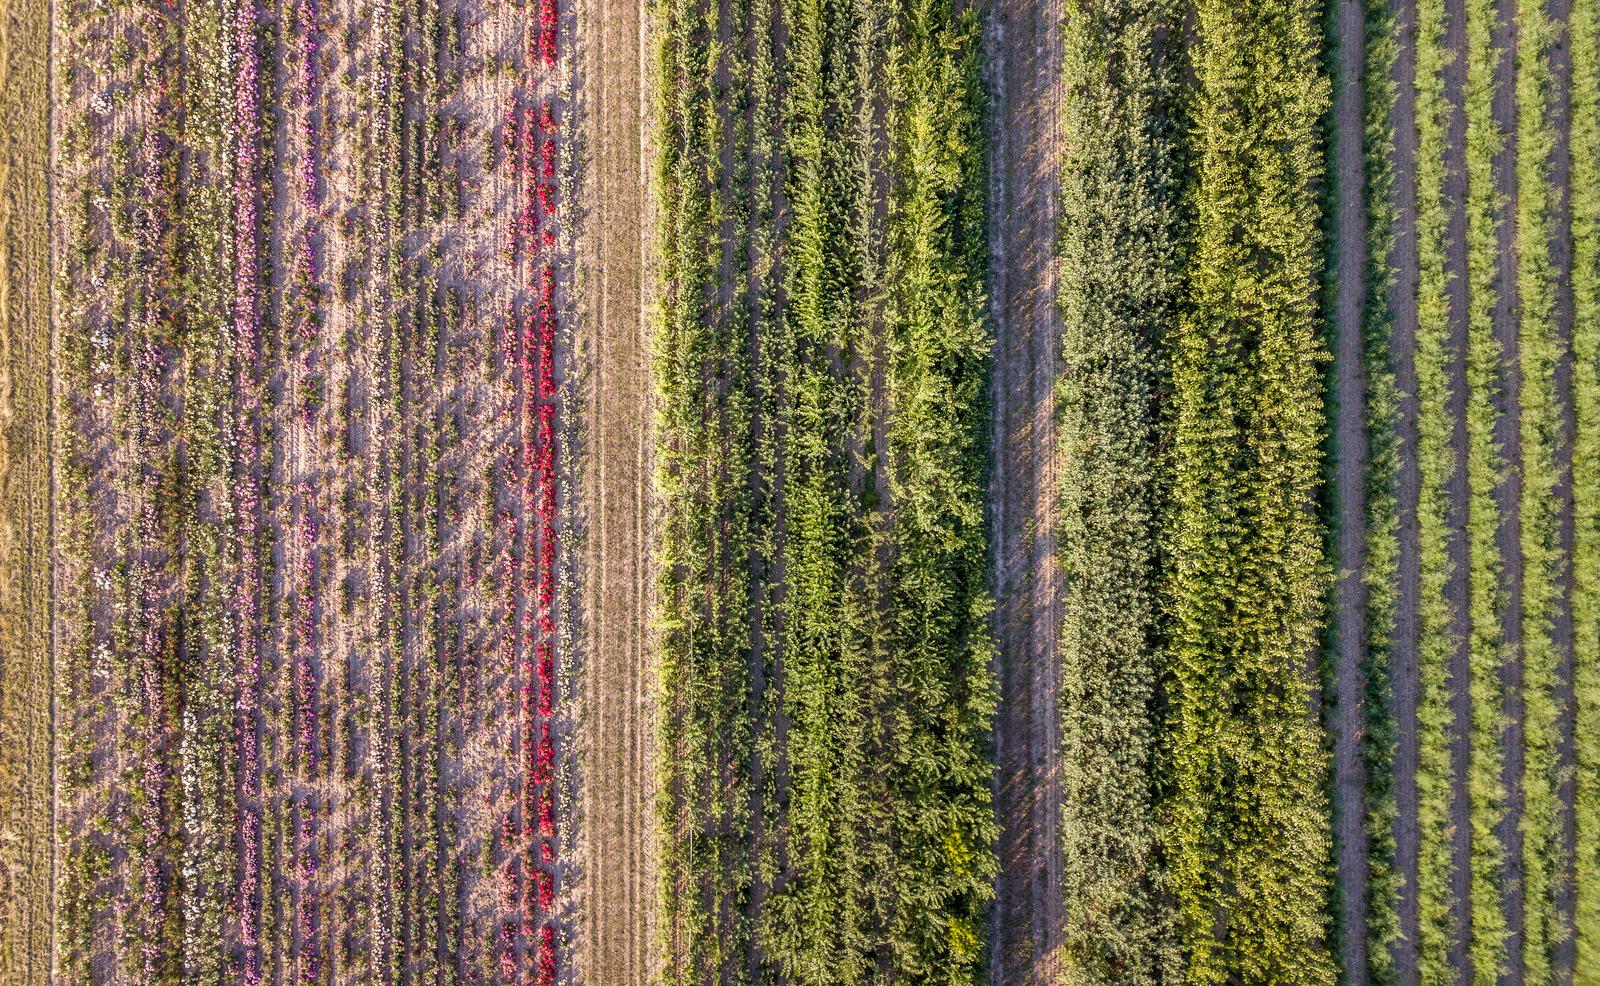 Feld aus Vogelperspektive mit verschiedener Bepflanzung, Blog von Cradle to Cradle NGO